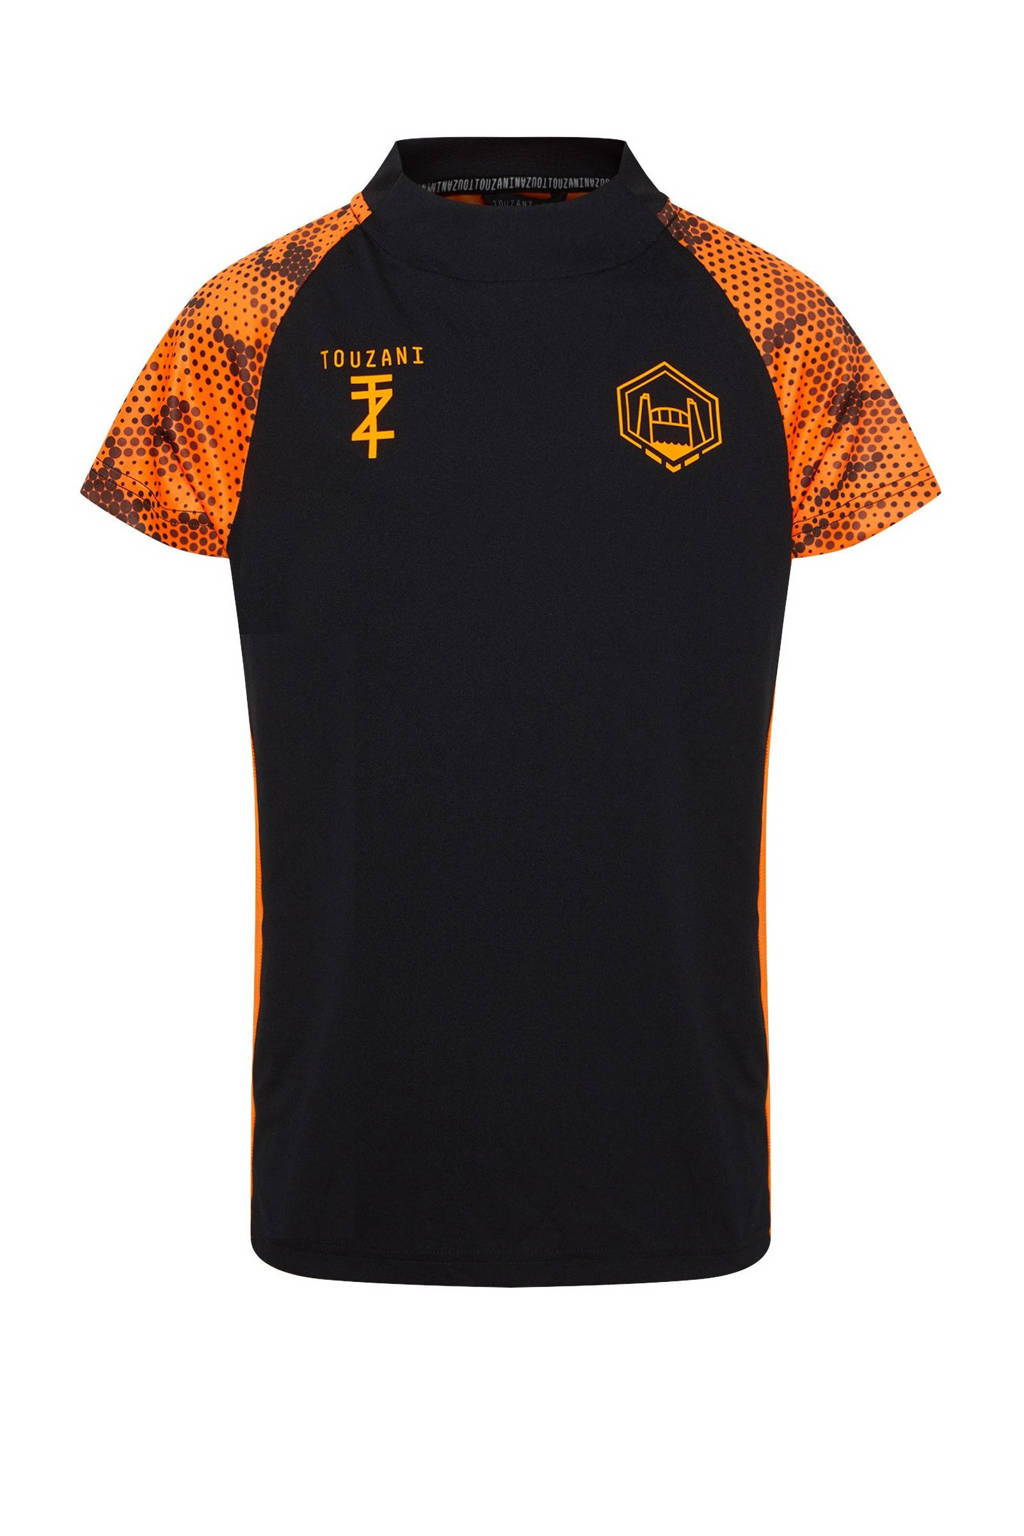 WE Fashion   X Touzani voetbal T-shirt zwart/oranje, Zwart/oranje